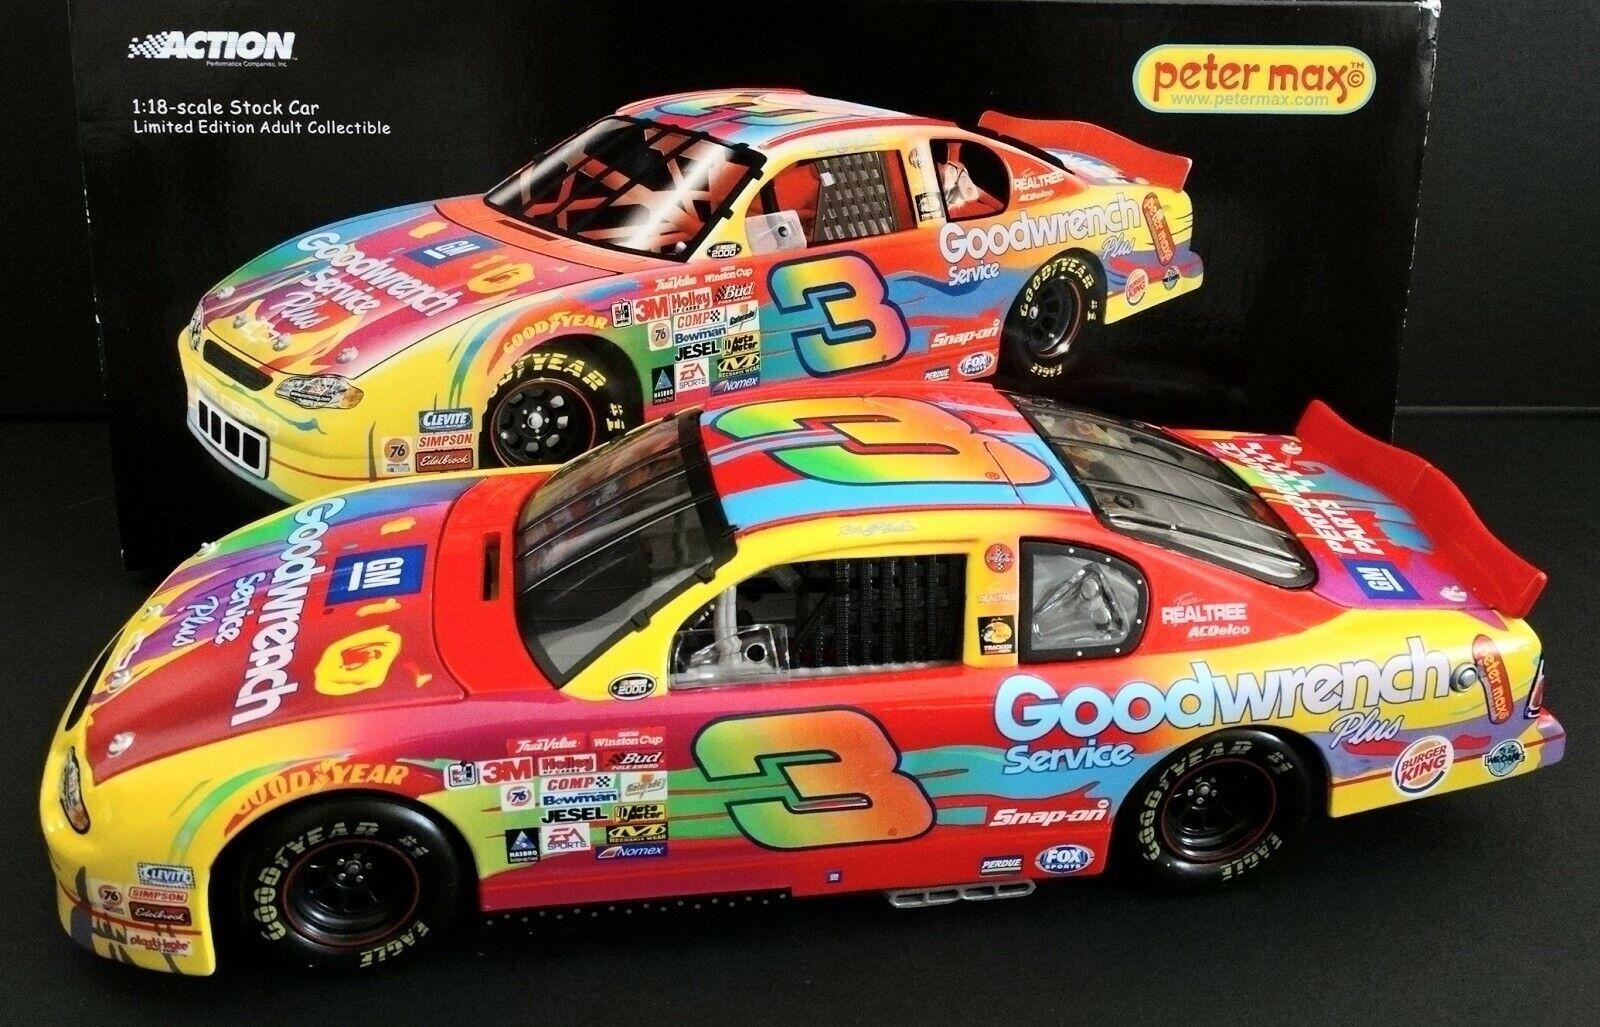 Dale Earnhardt, Sr  3 Gmgwsp 1 18 Wirkung 2000 Peter Max Chevy Monte voiturelo